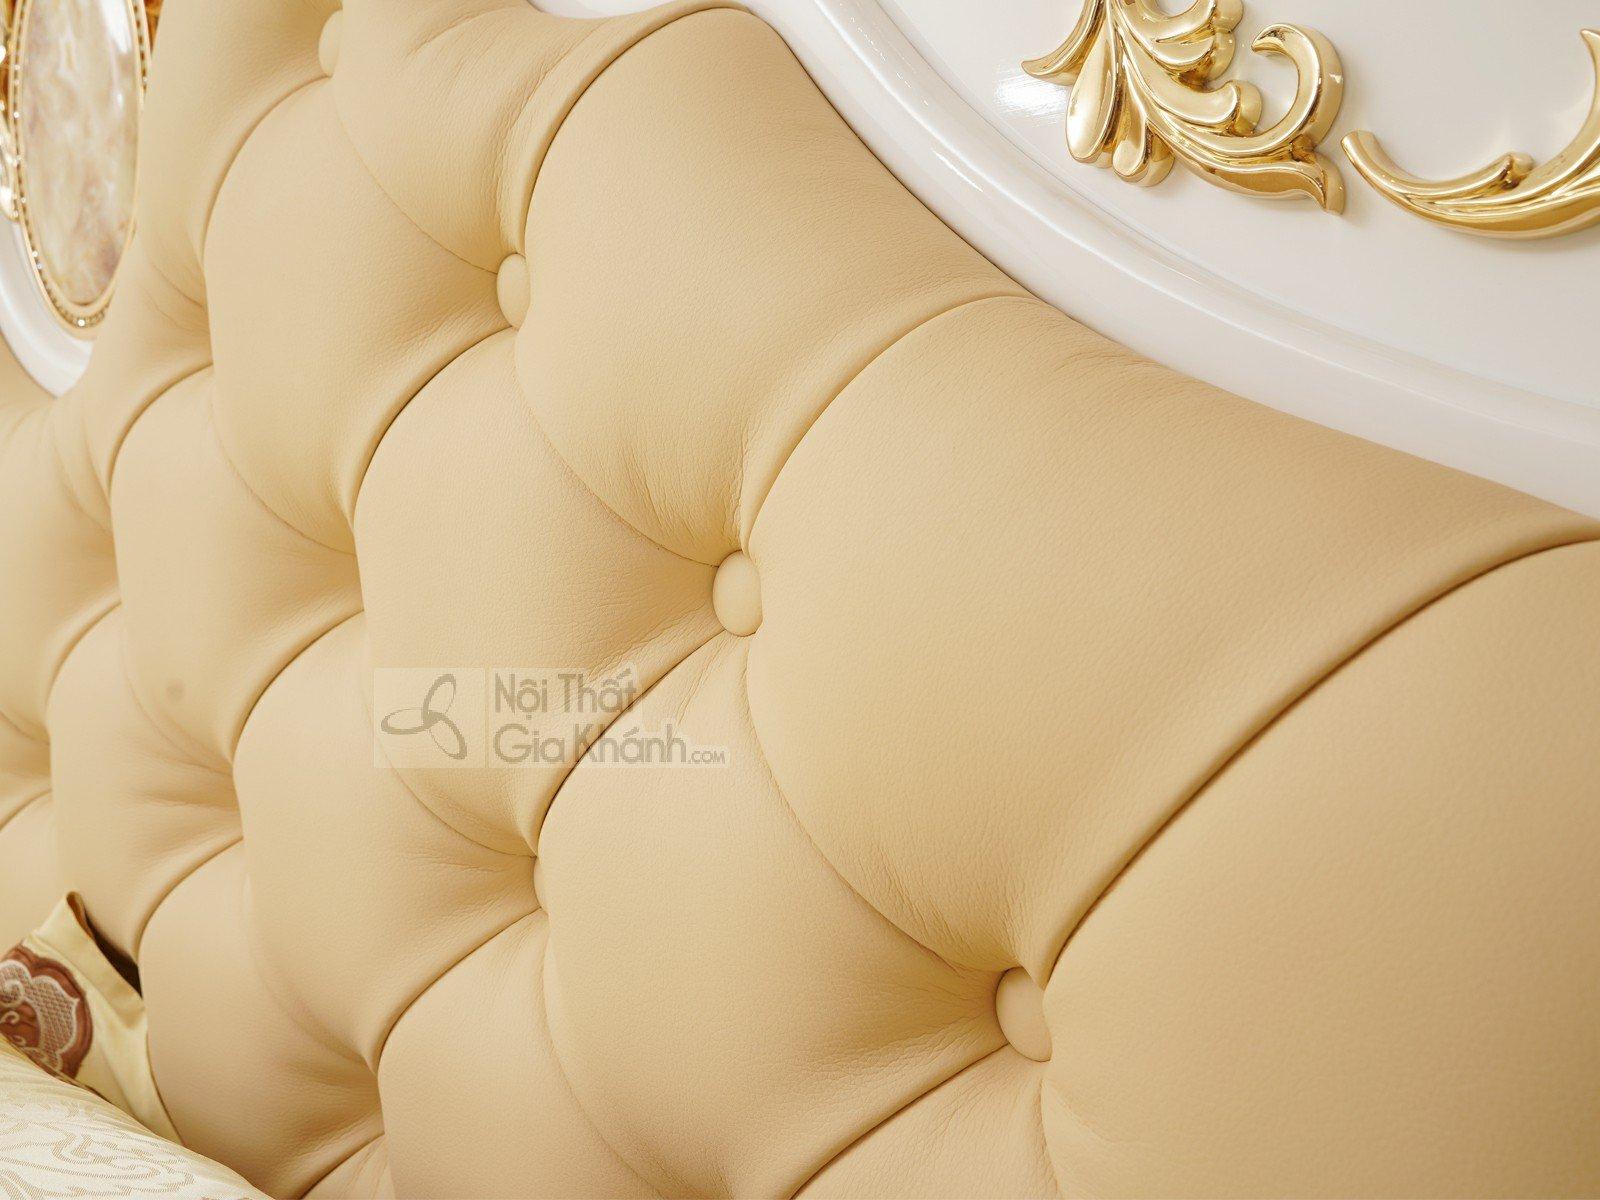 Giường ngủ 1m8 gỗ tân cổ điển trắng cao cấp GI3028-18